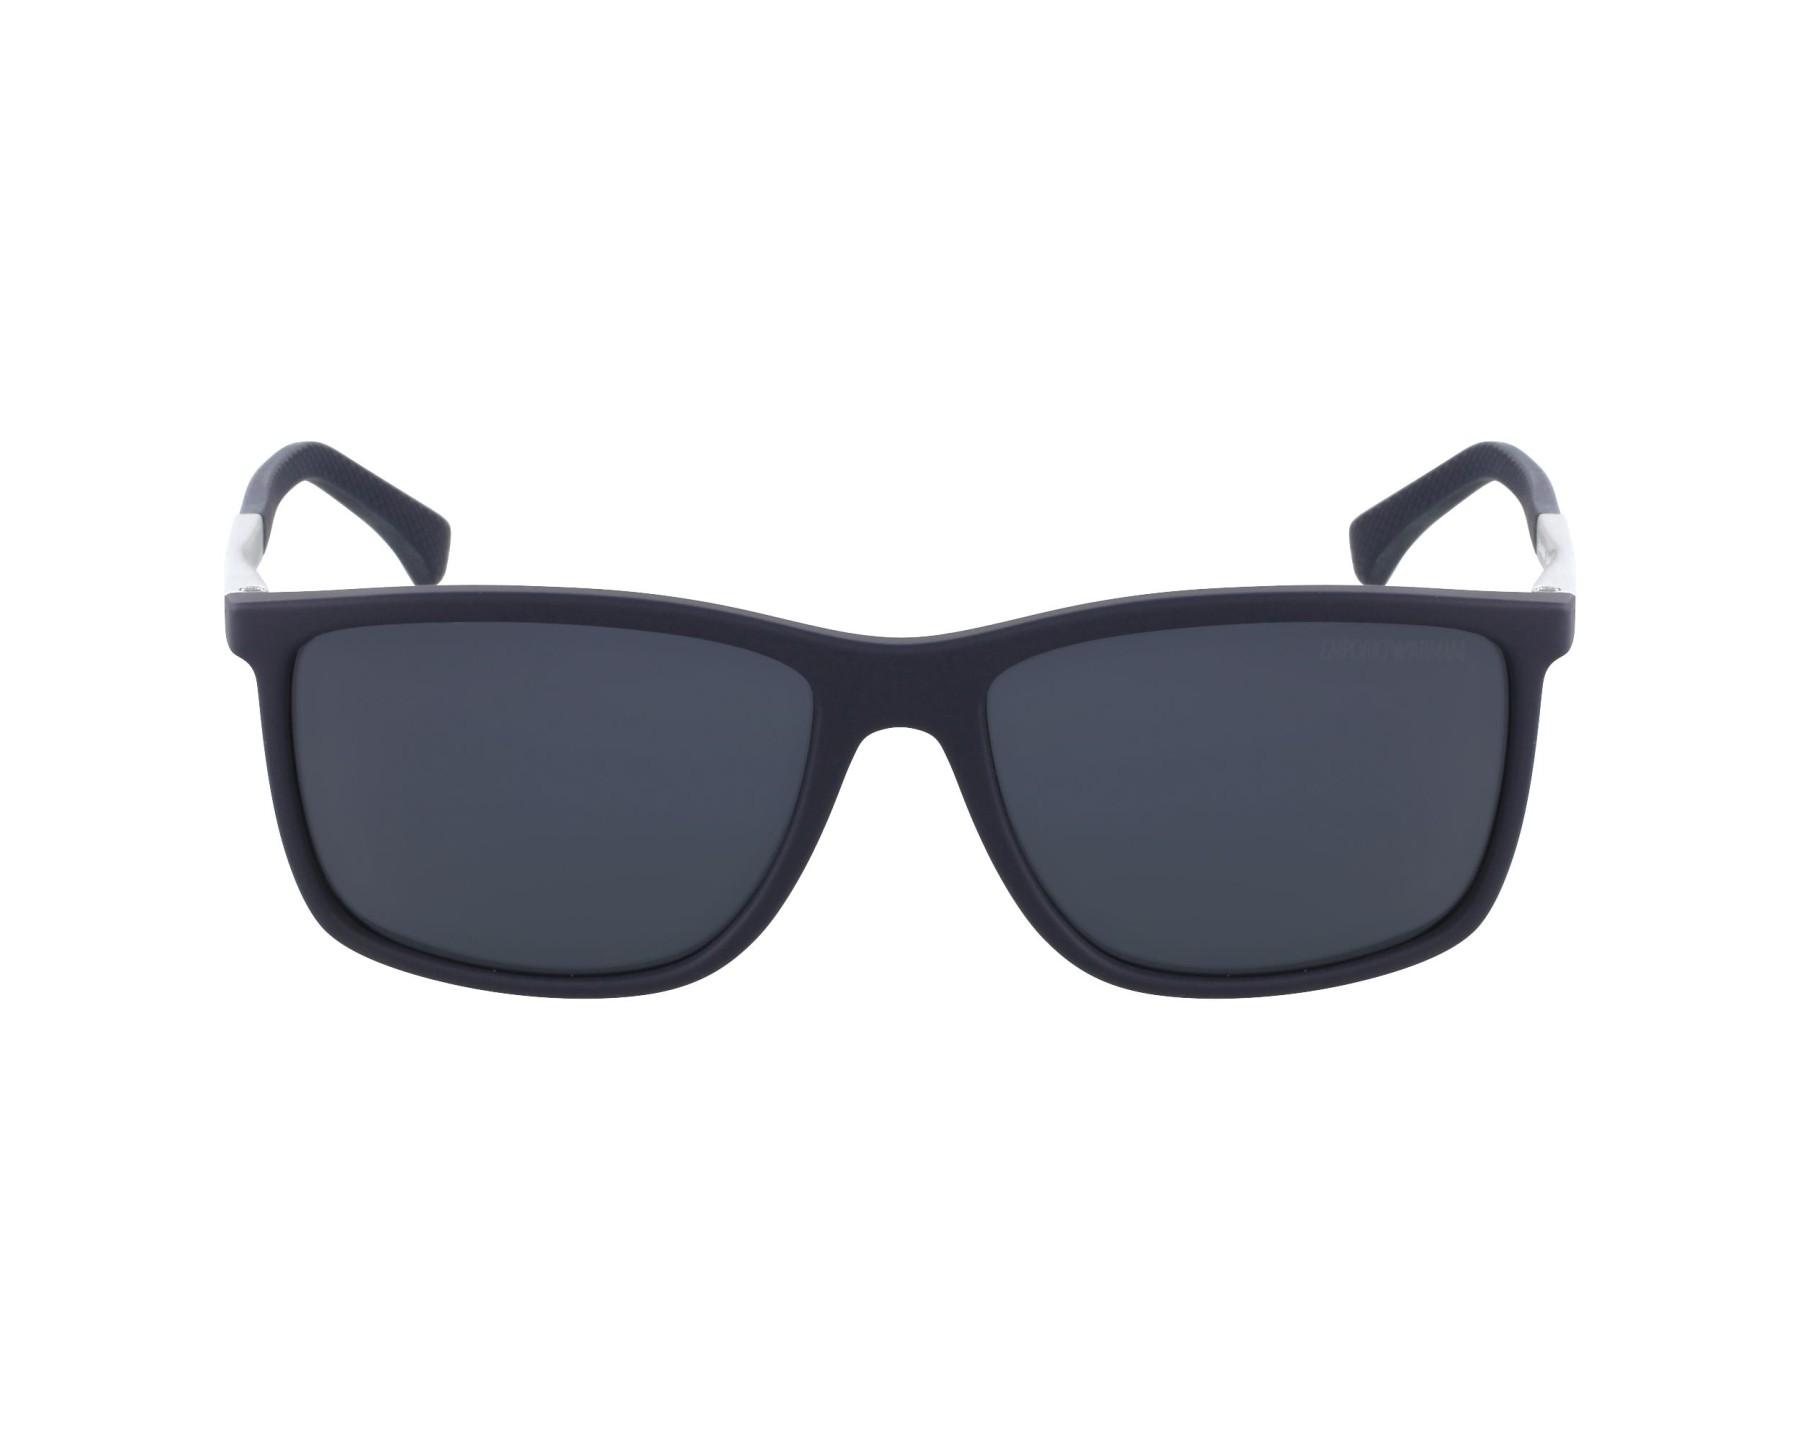 3b4d5930ec357 Sunglasses Emporio Armani EA-4058 5474 87 58-17 Blue Silver profile view